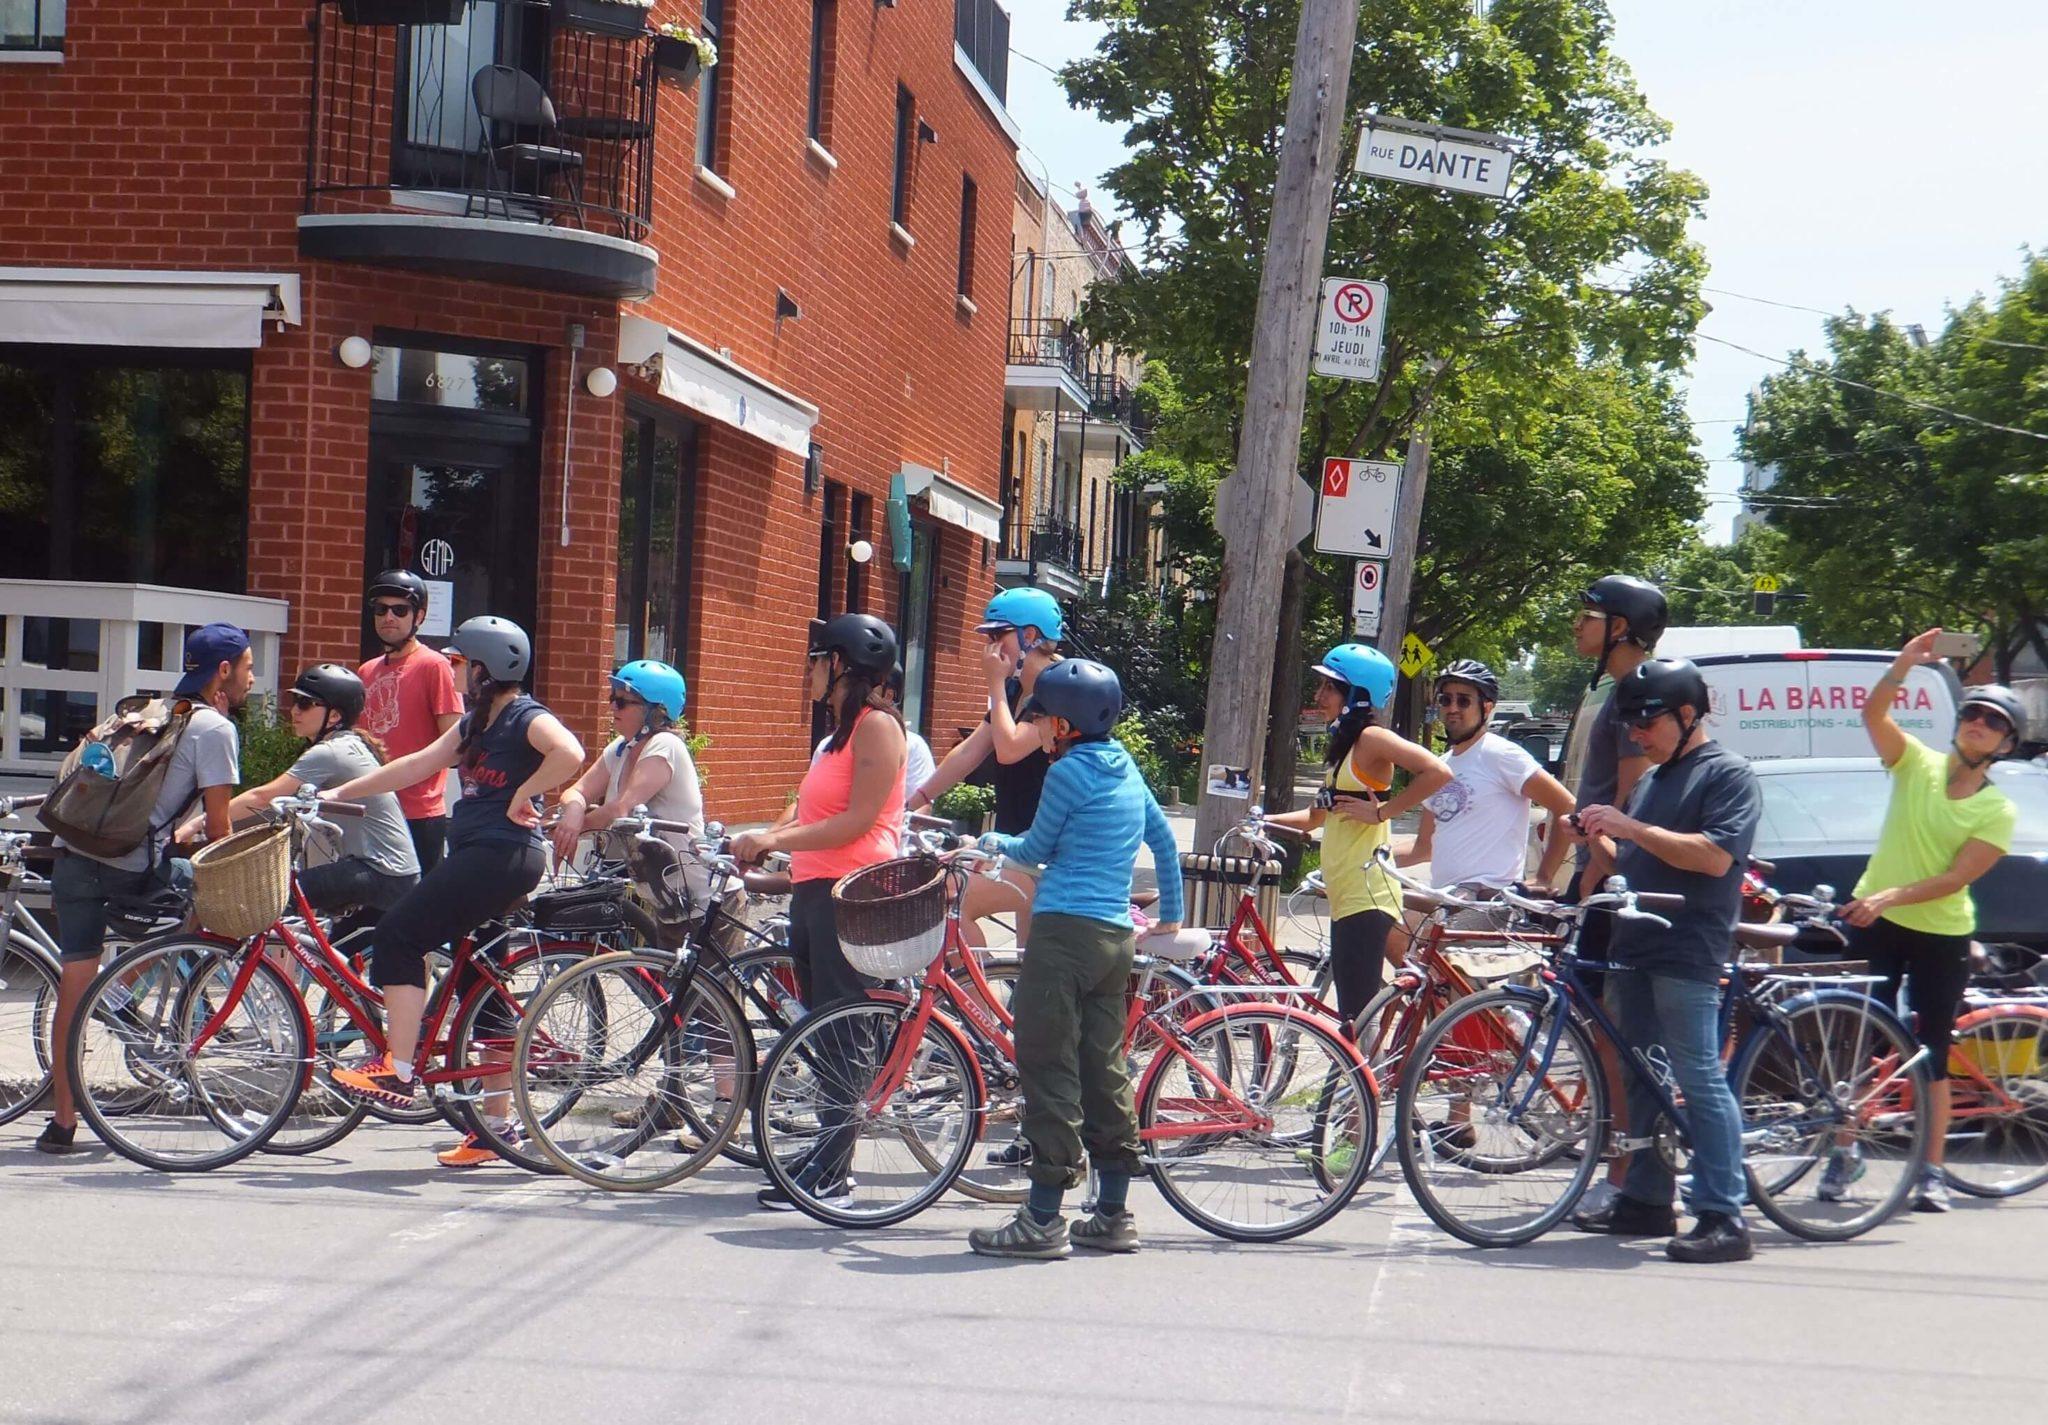 Qué ver en Montréal, una ciudad genuina